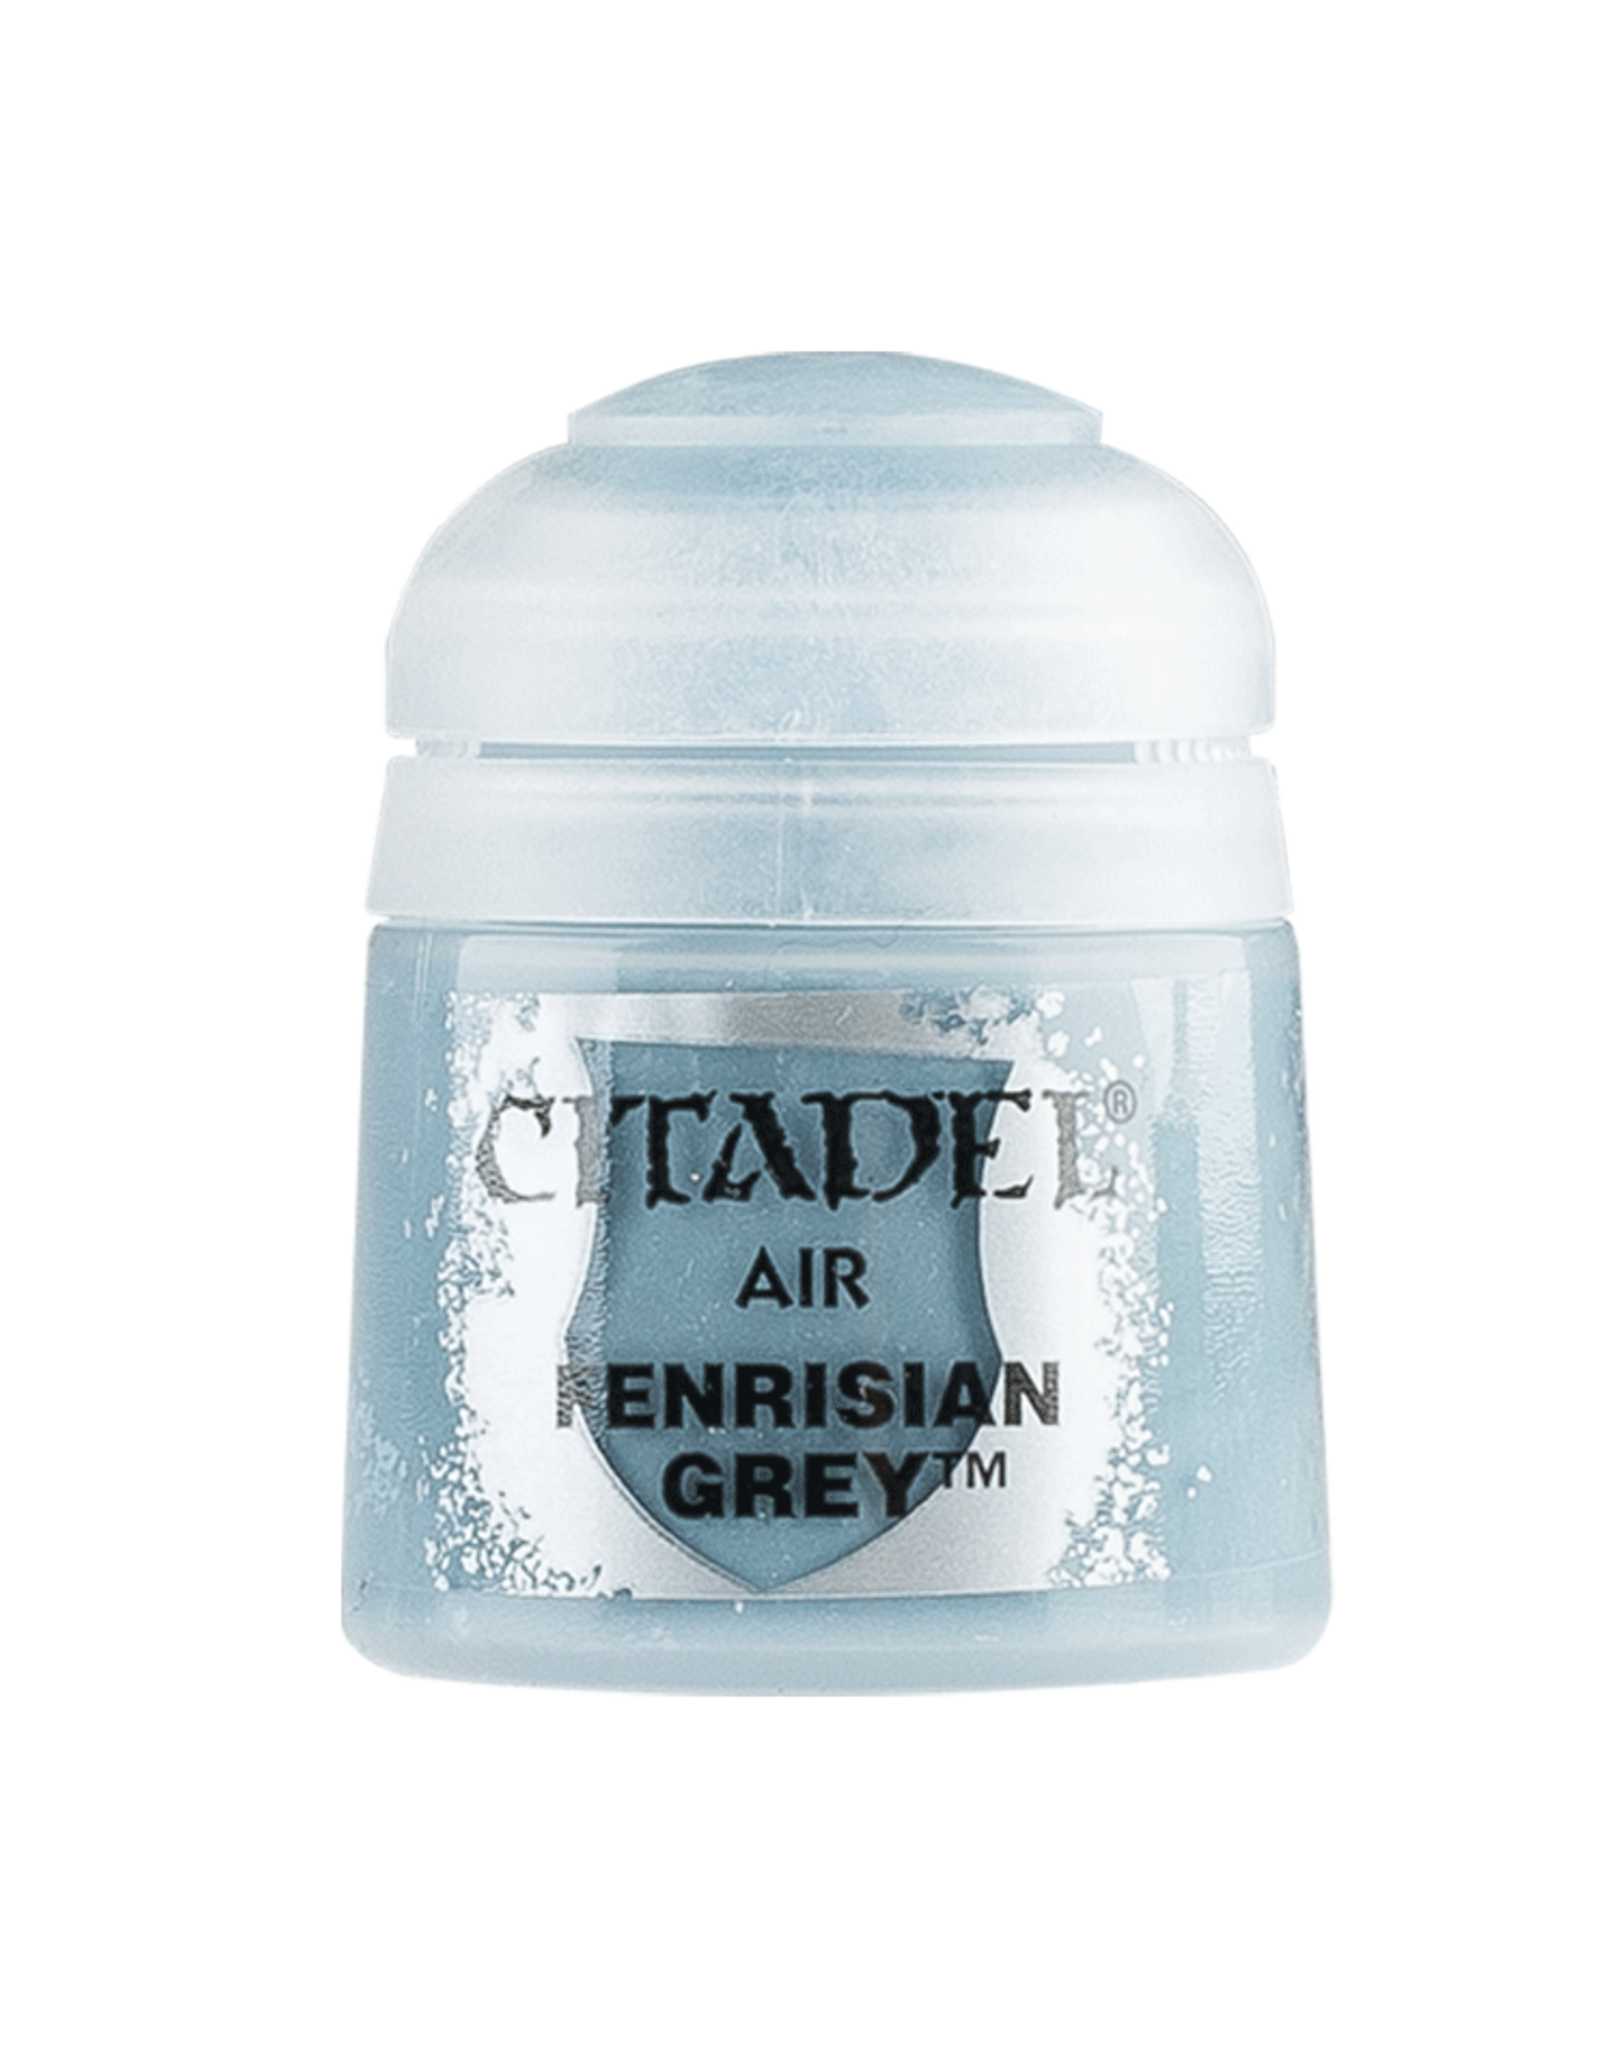 Citadel Citadel Air: Fenrisian Grey (24ml)